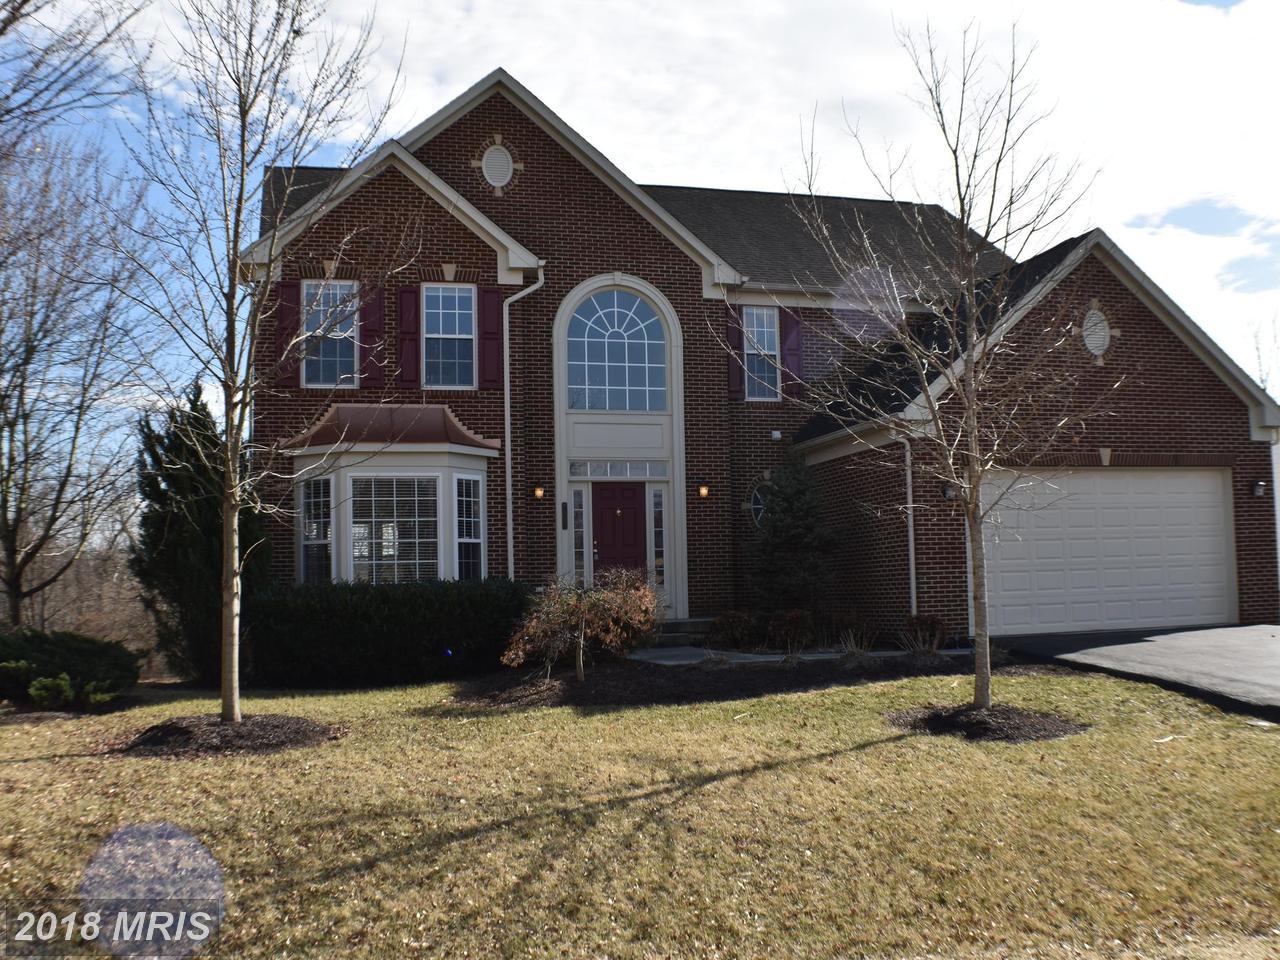 Homes For Sale In The Breckenridge Subdivision